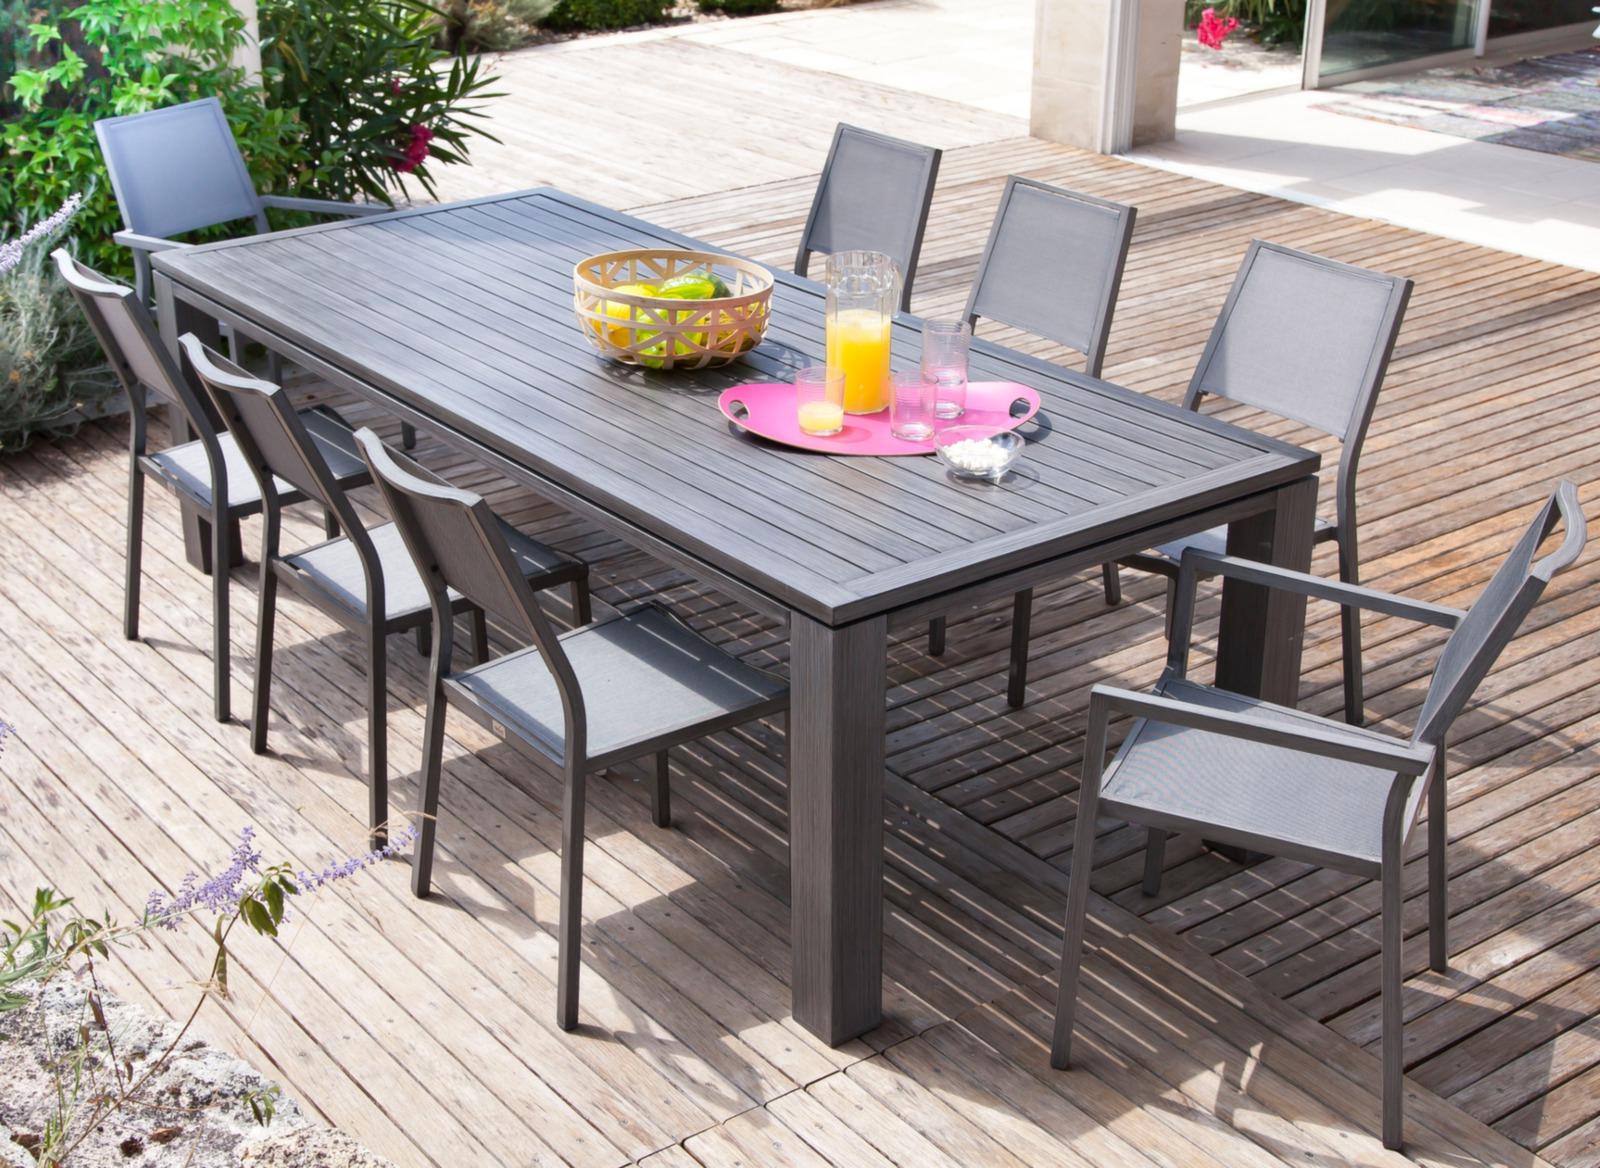 Ensemble Chaise Et Table De Jardin Sol Salon Aluminium ... pour Table De Jardin Auchan